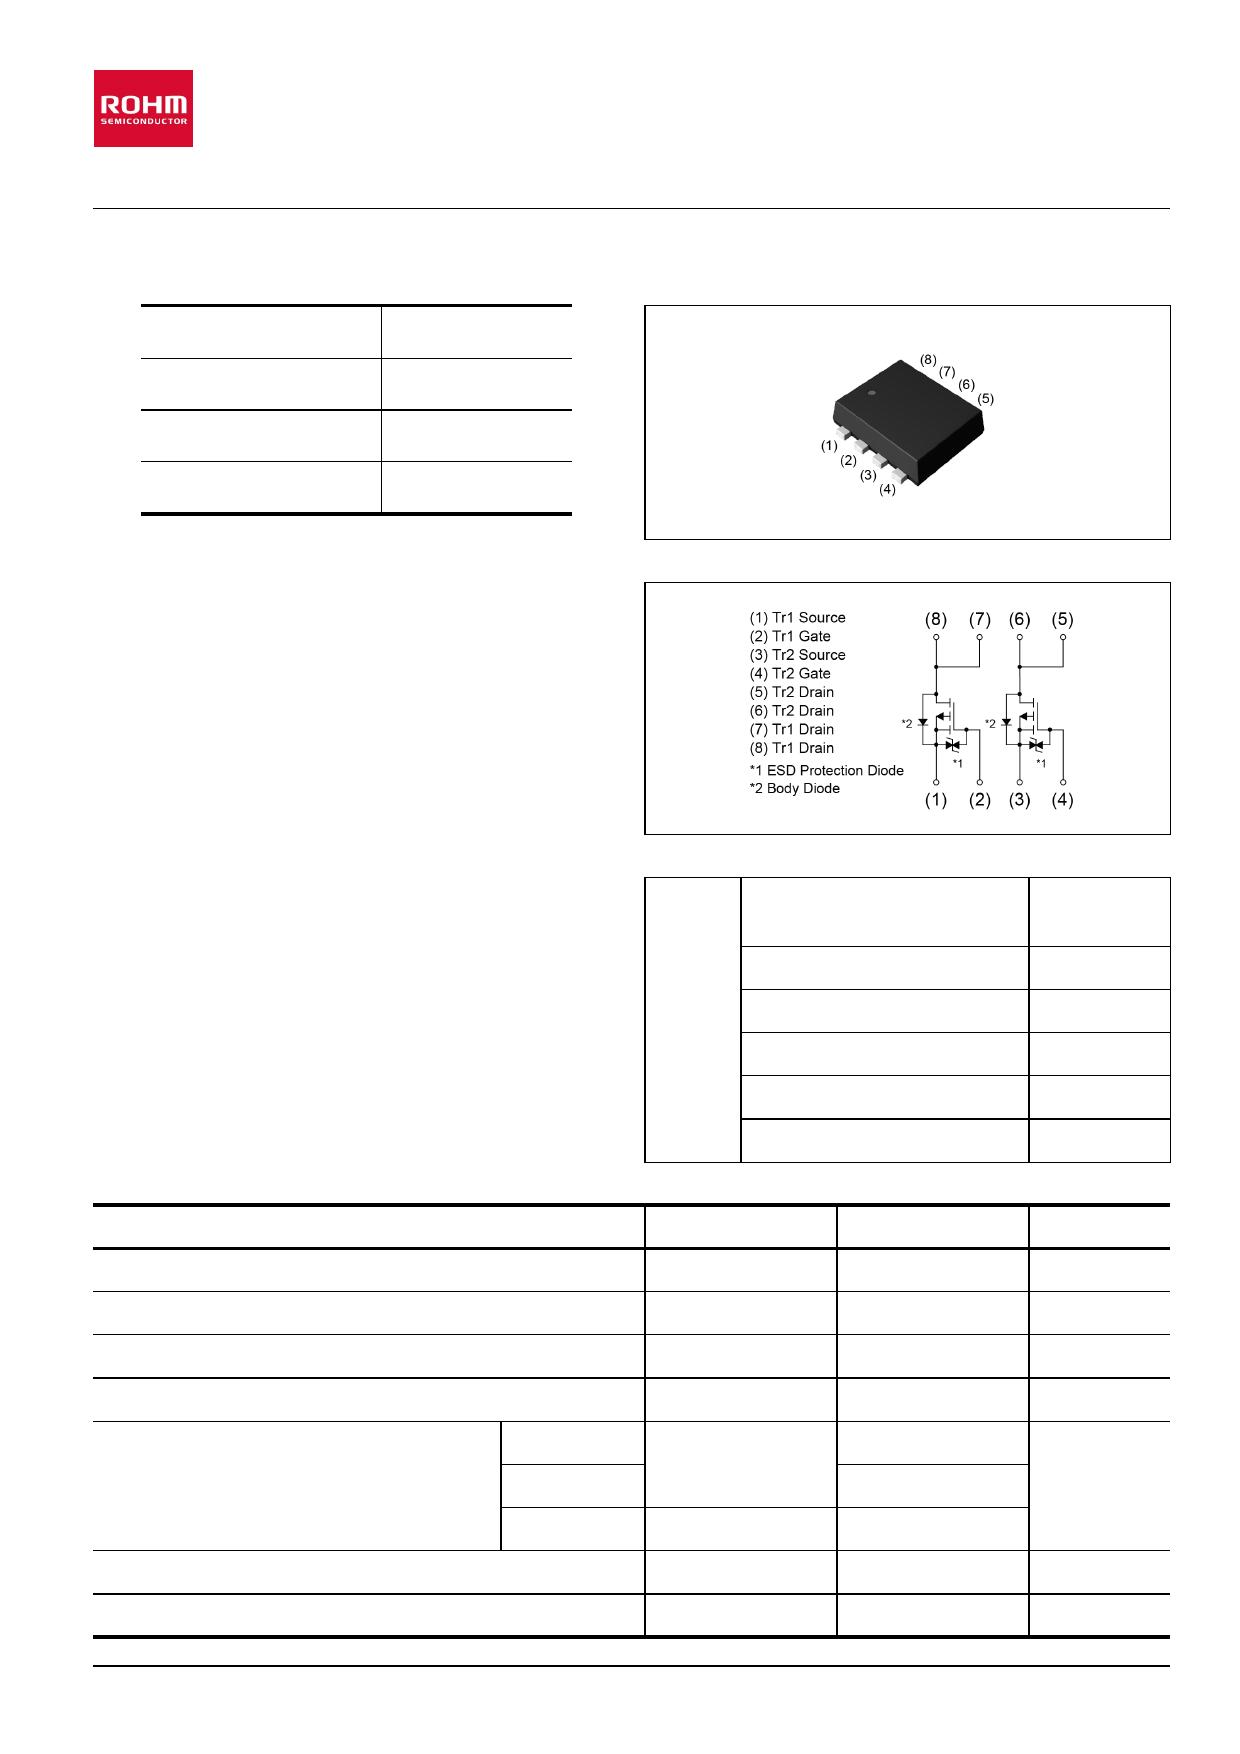 QS8J2 Datenblatt PDF